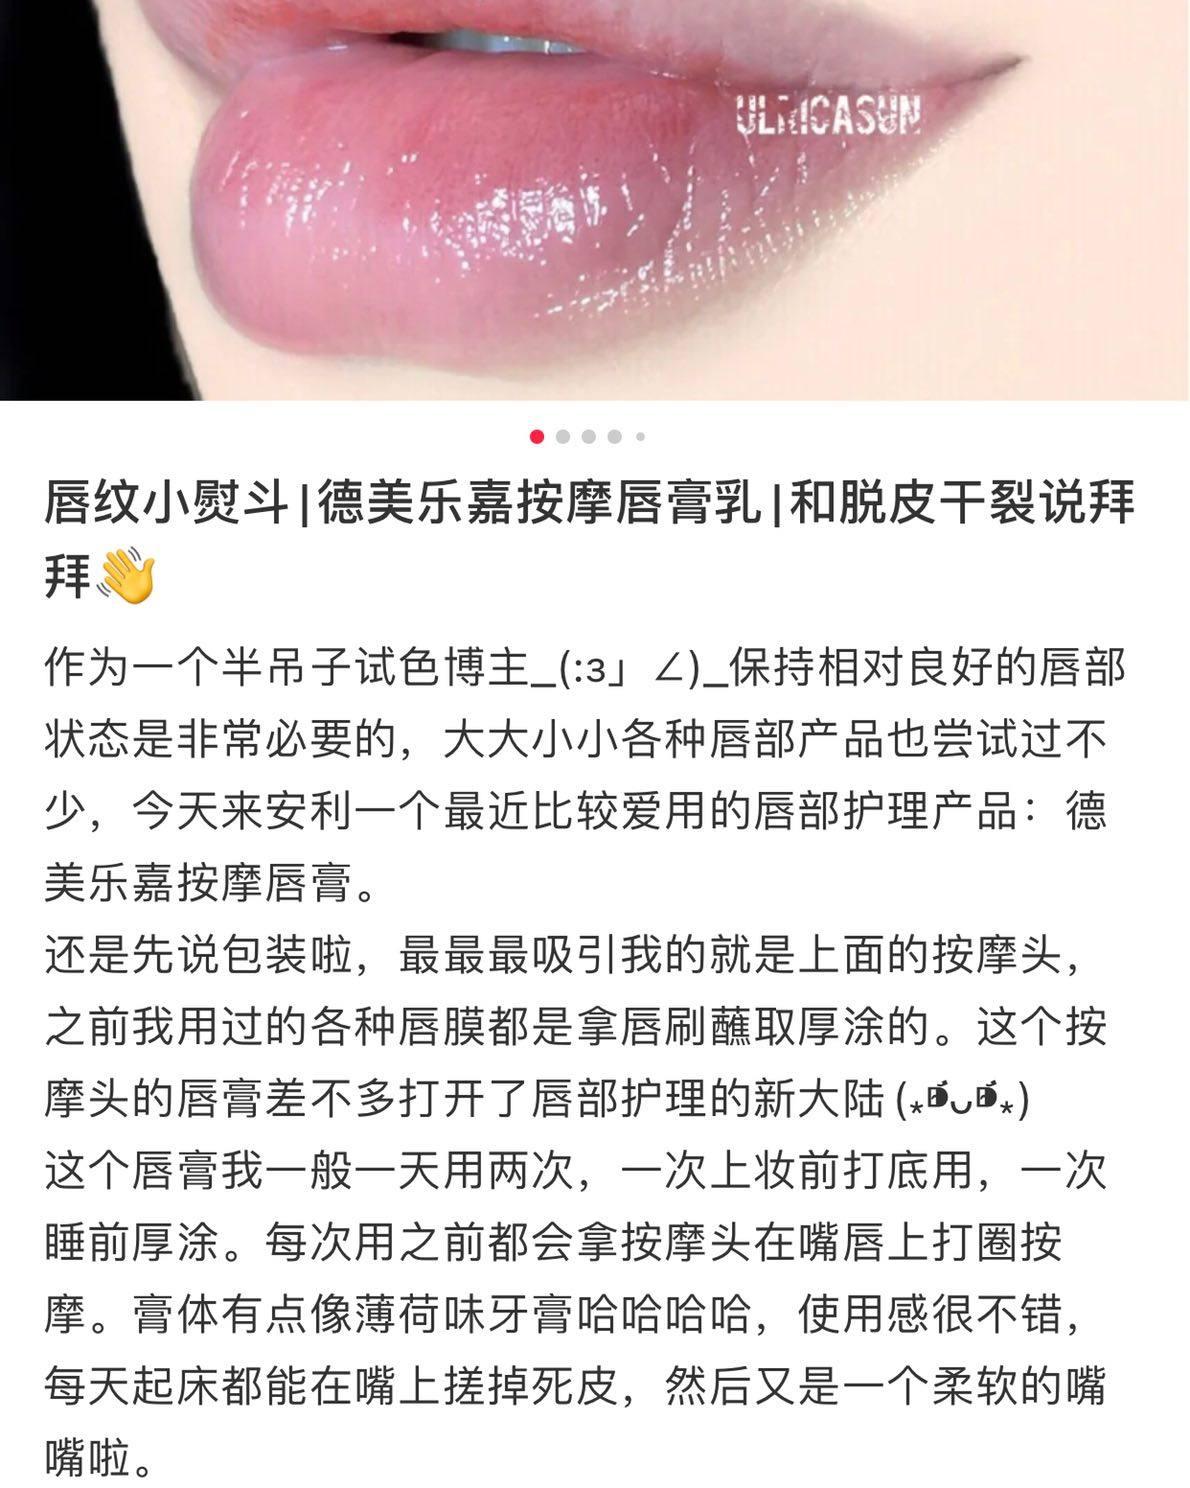 Dermalogica/德美乐嘉时光逆转紧致唇霜唇膜4ml淡